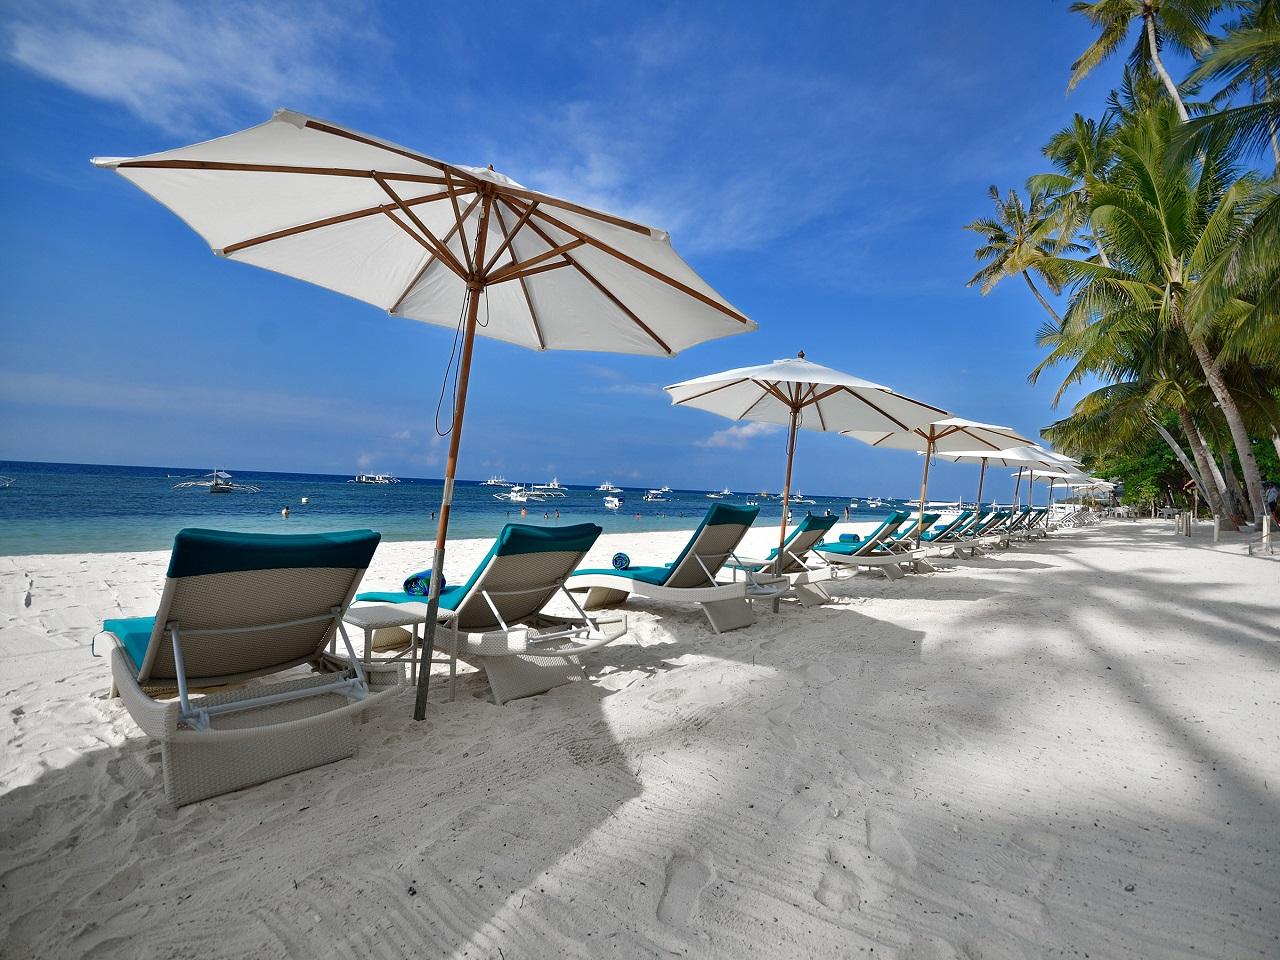 白砂が広がるビーチと紺碧の海がコラボしたリゾートエリア!